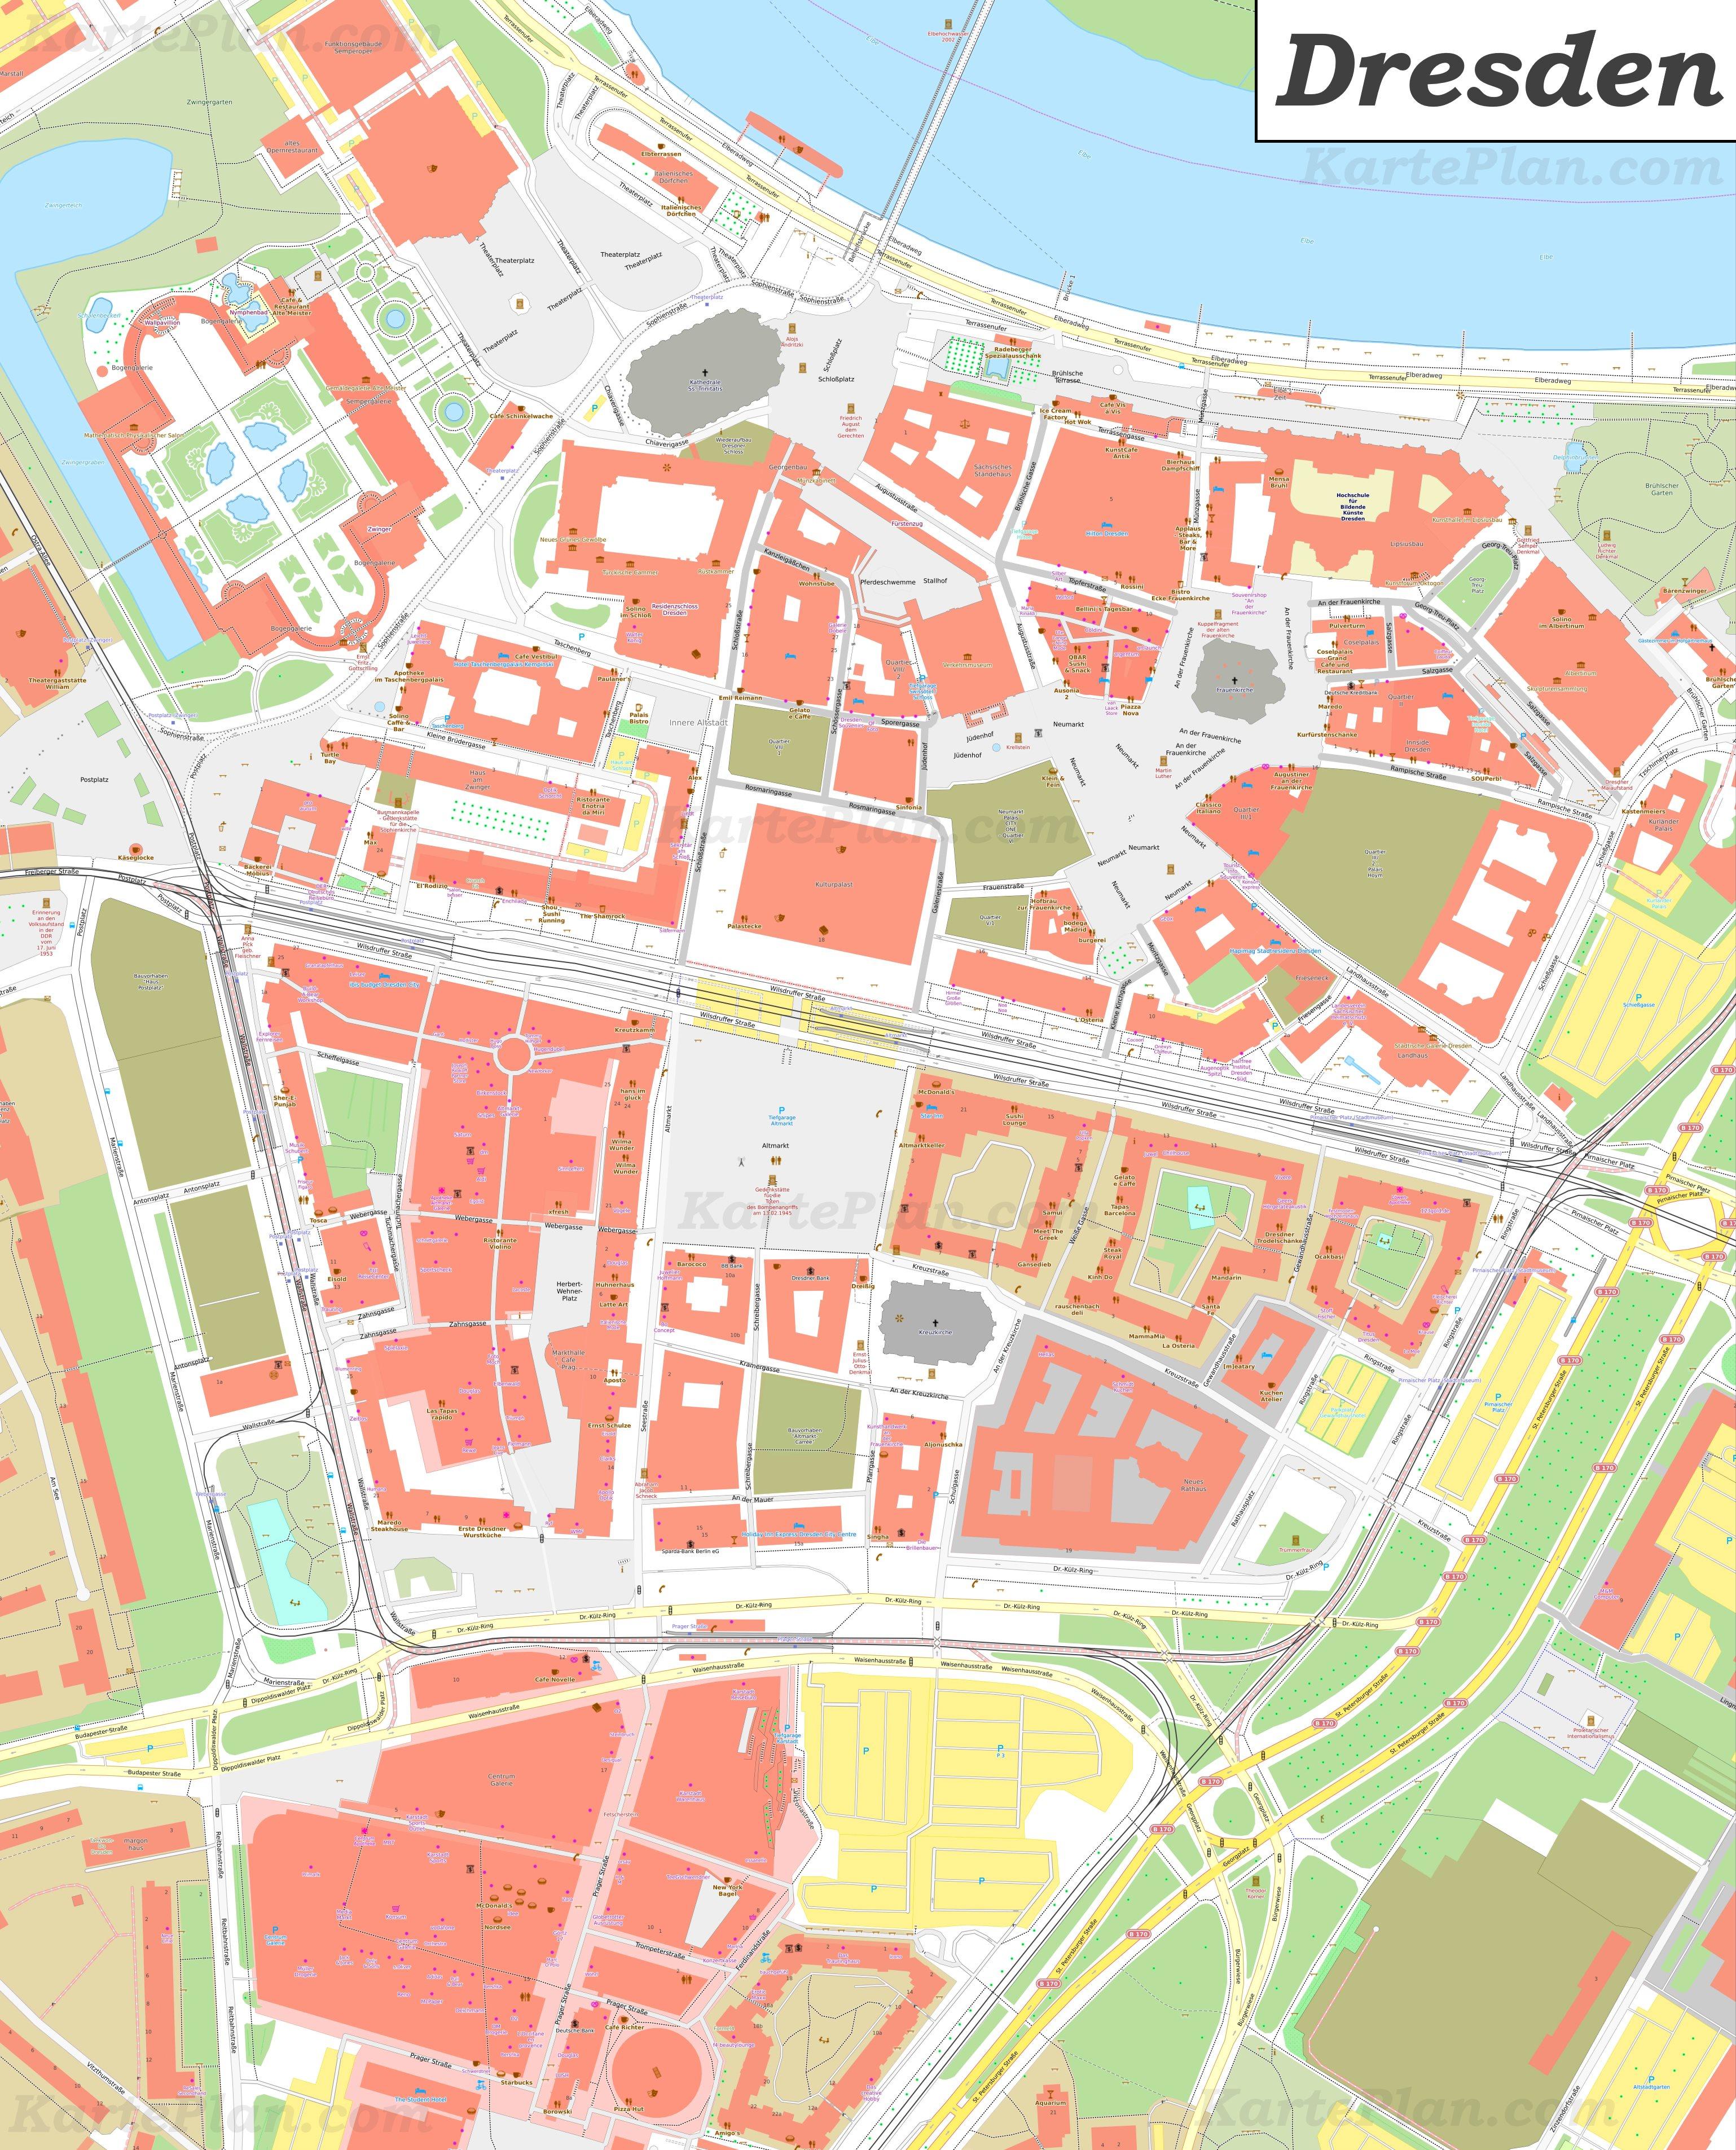 altstadt dresden karte Karte von Dresdens Altstadt